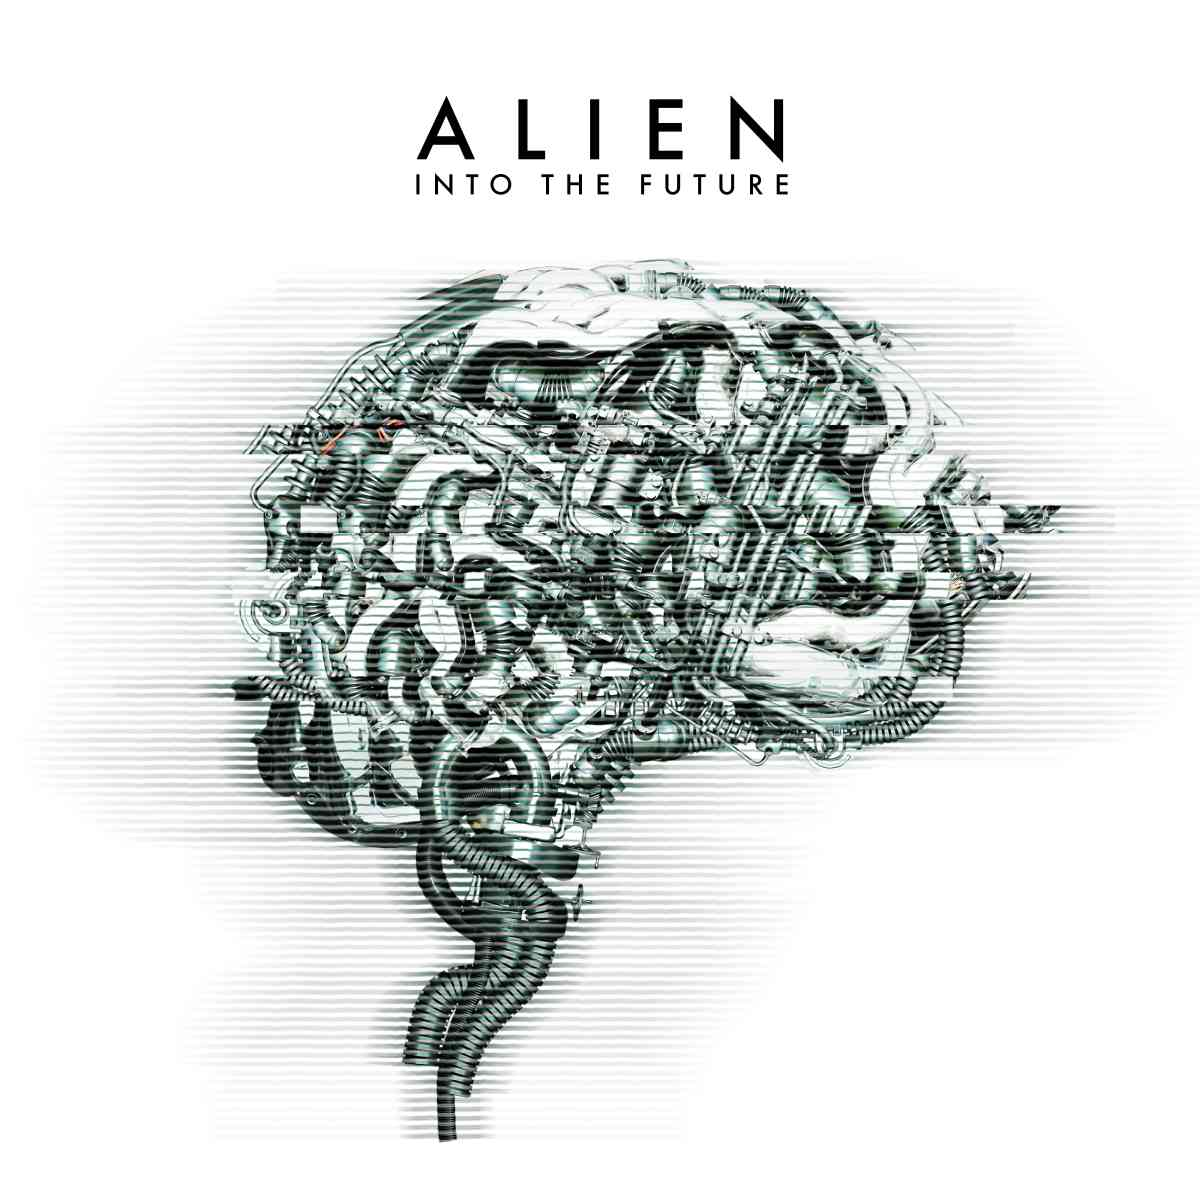 alien - into the future - album cover